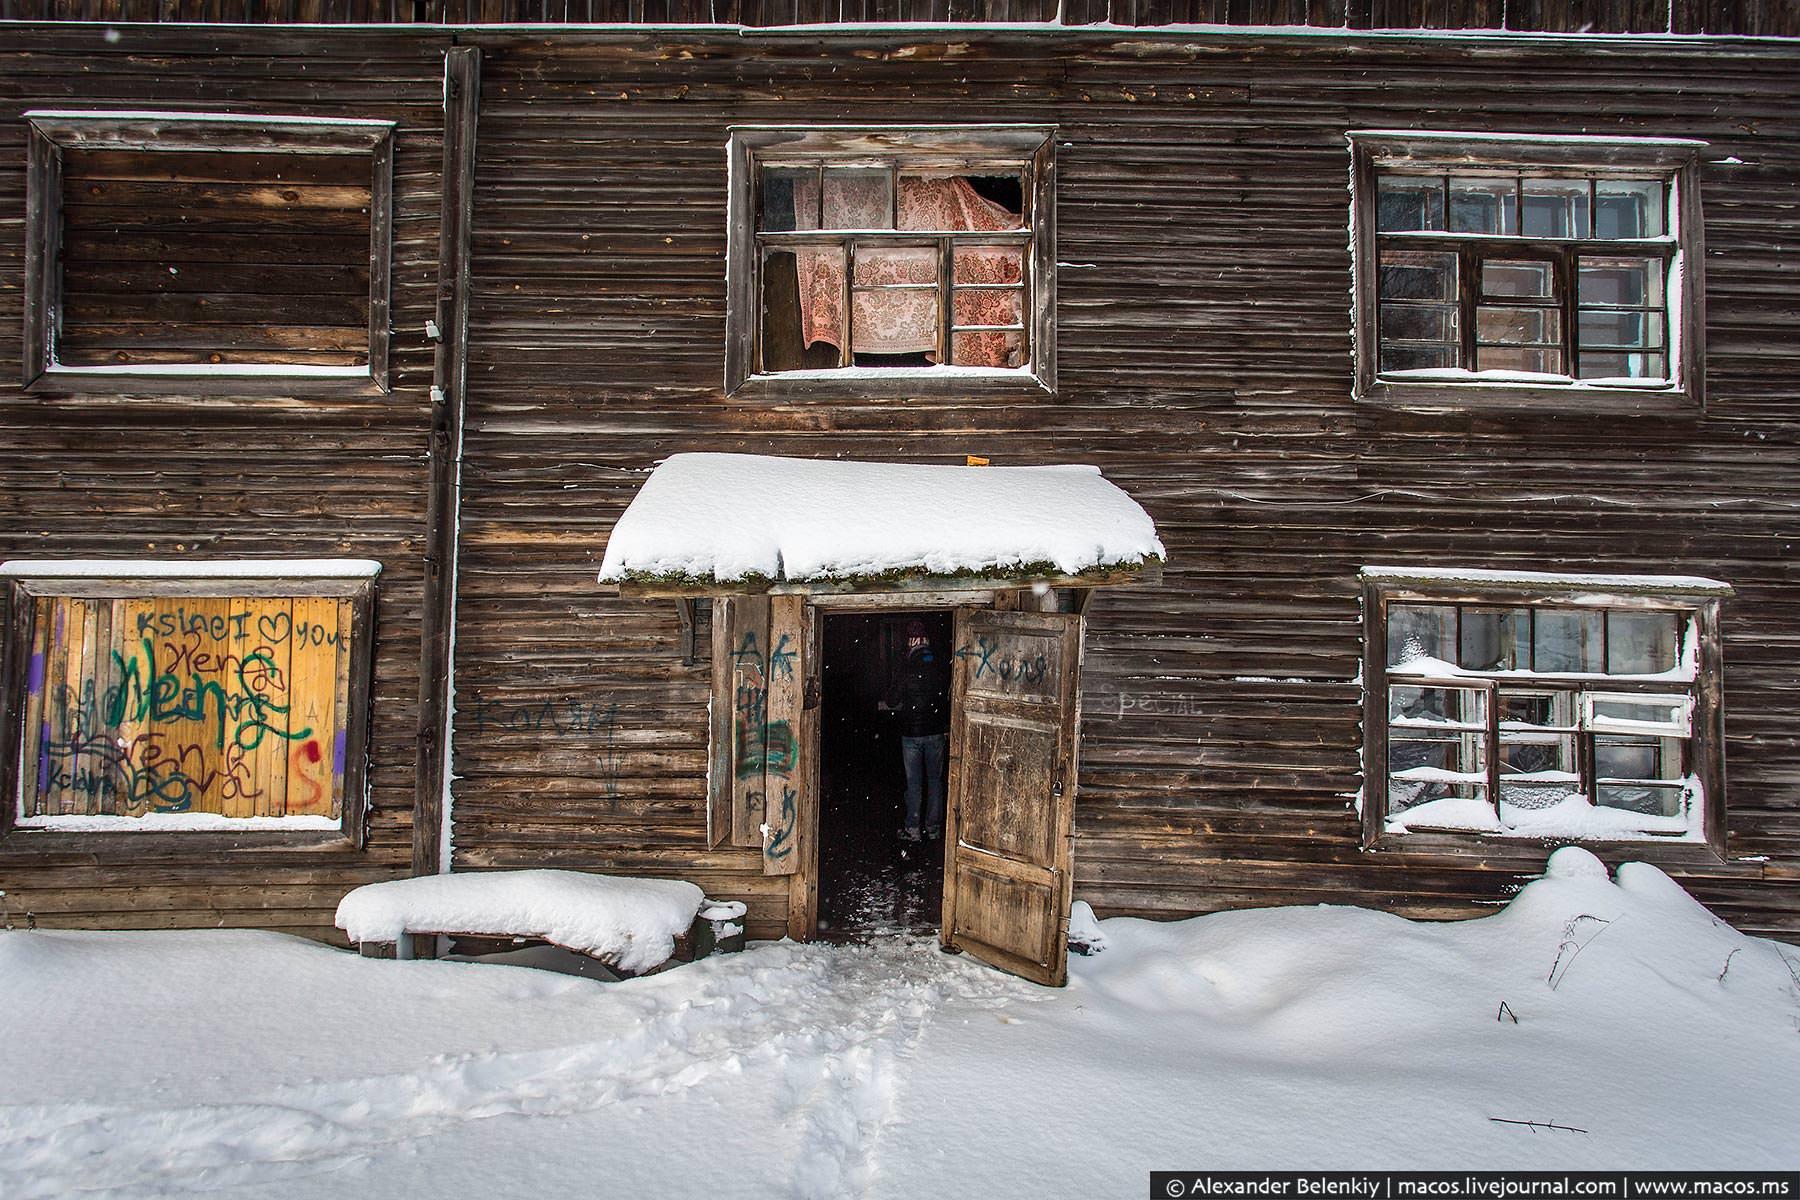 Микротрущобы в России. Не поверите, но здесь живут люди!